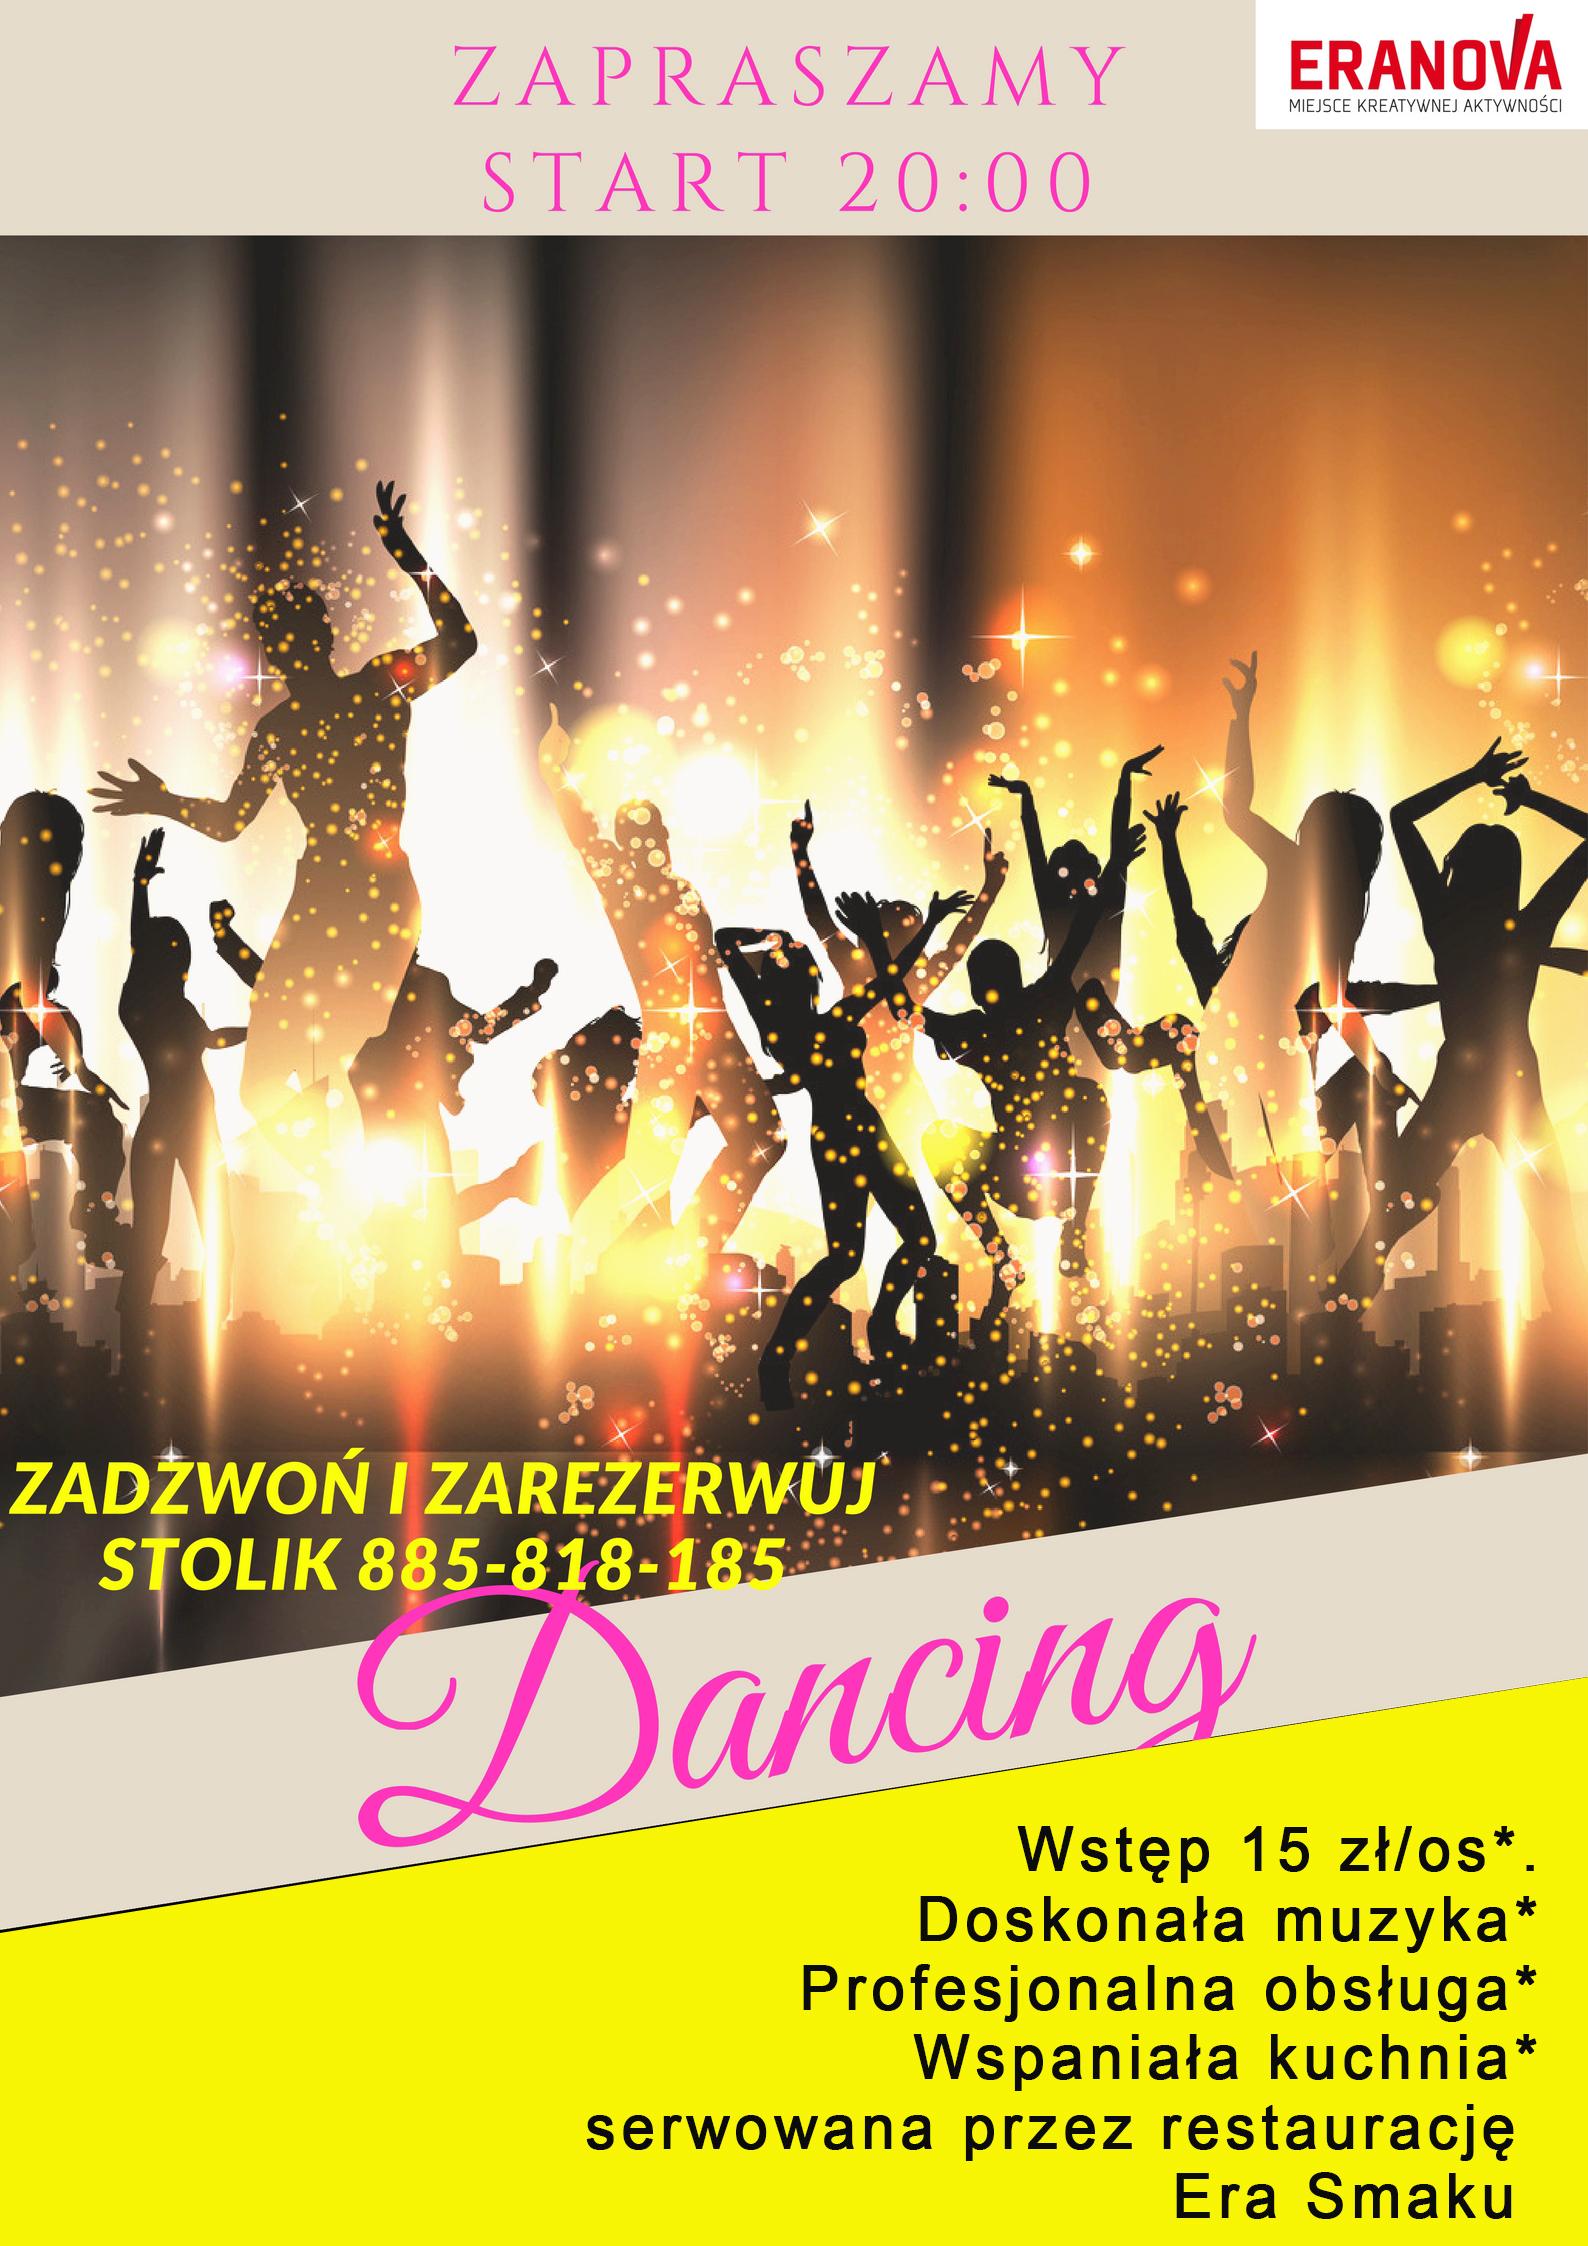 http://m.eranova.pl/2019/01/orig/dancing-2321-2885.jpg